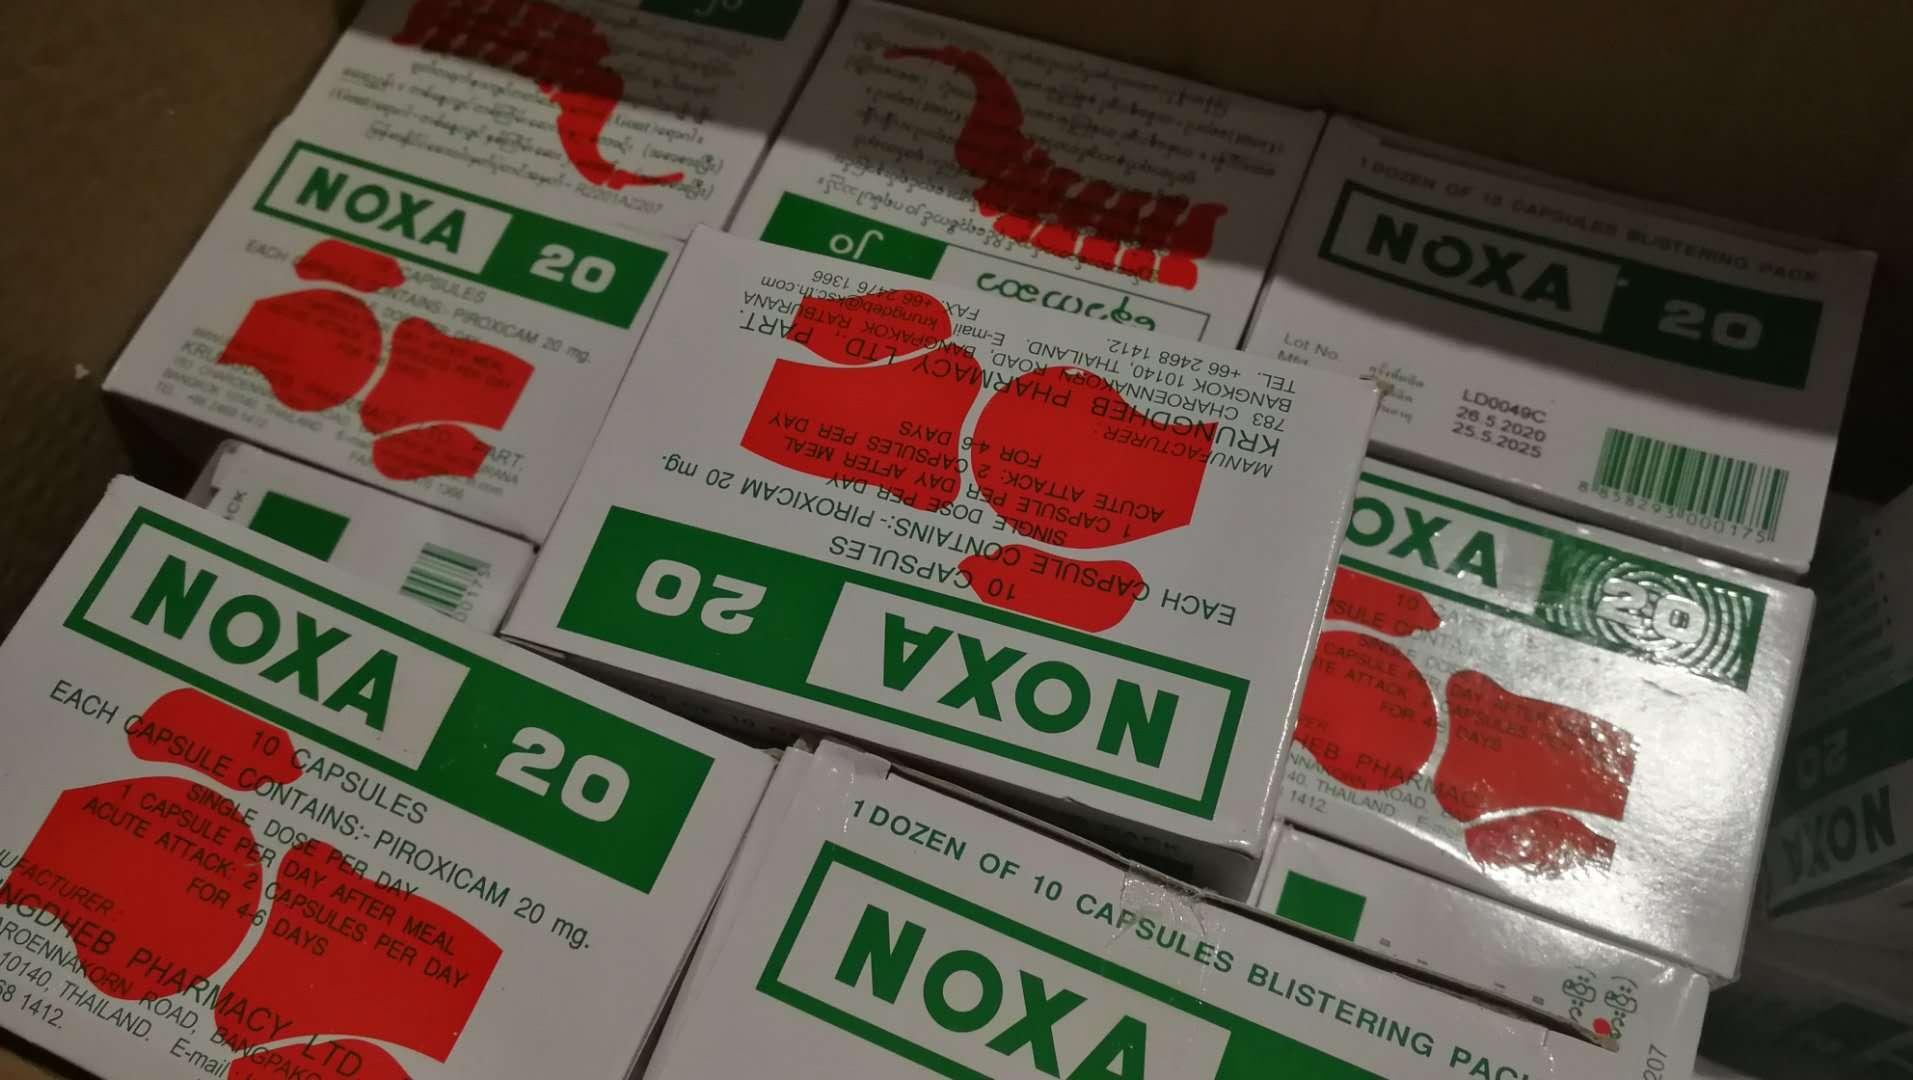 泰国娜莎NOXA20号痛风药是激素药?真相在这里